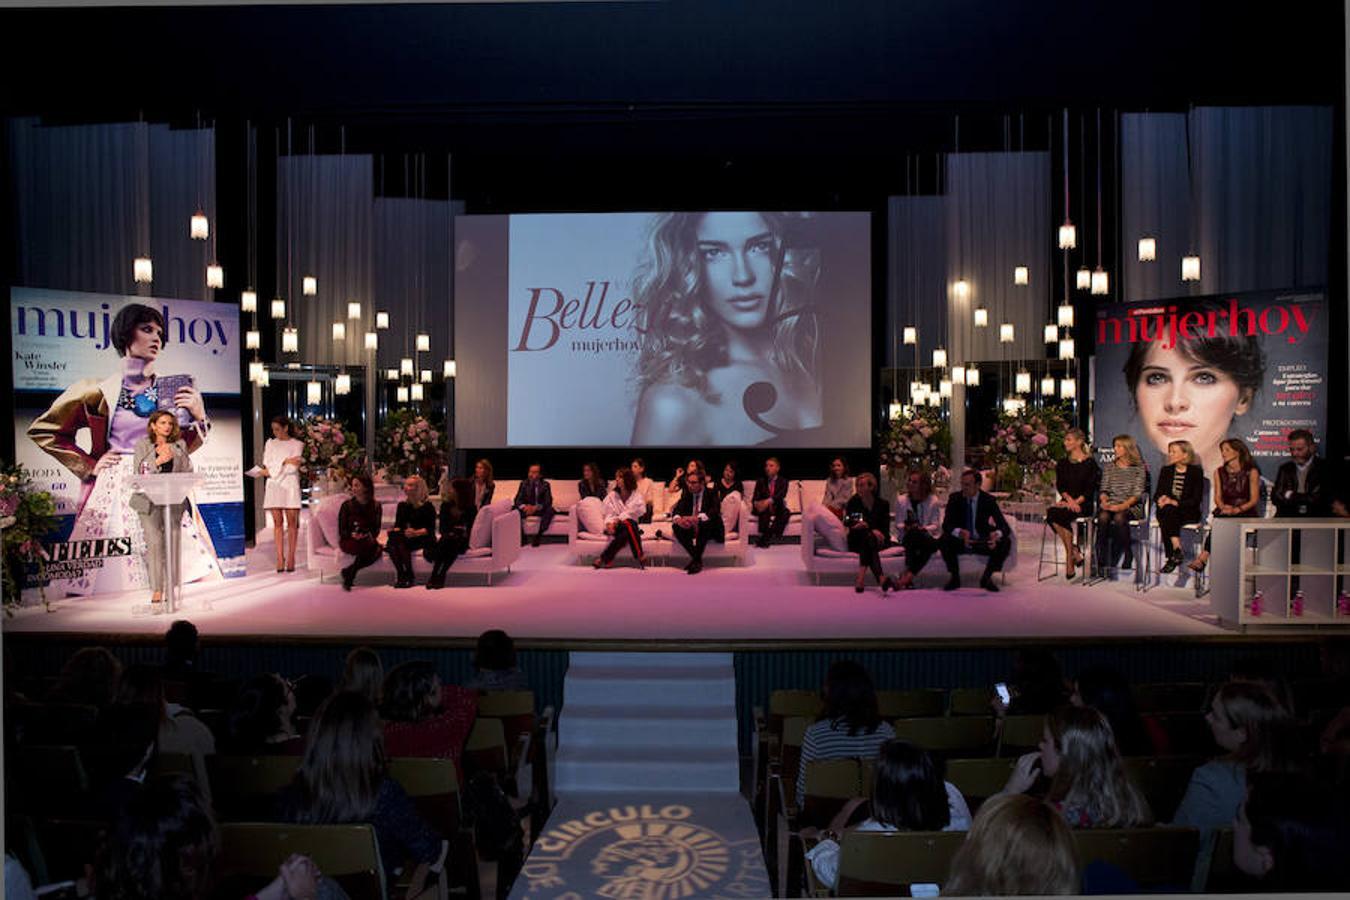 premios-belleza-mujer-hoy-2016